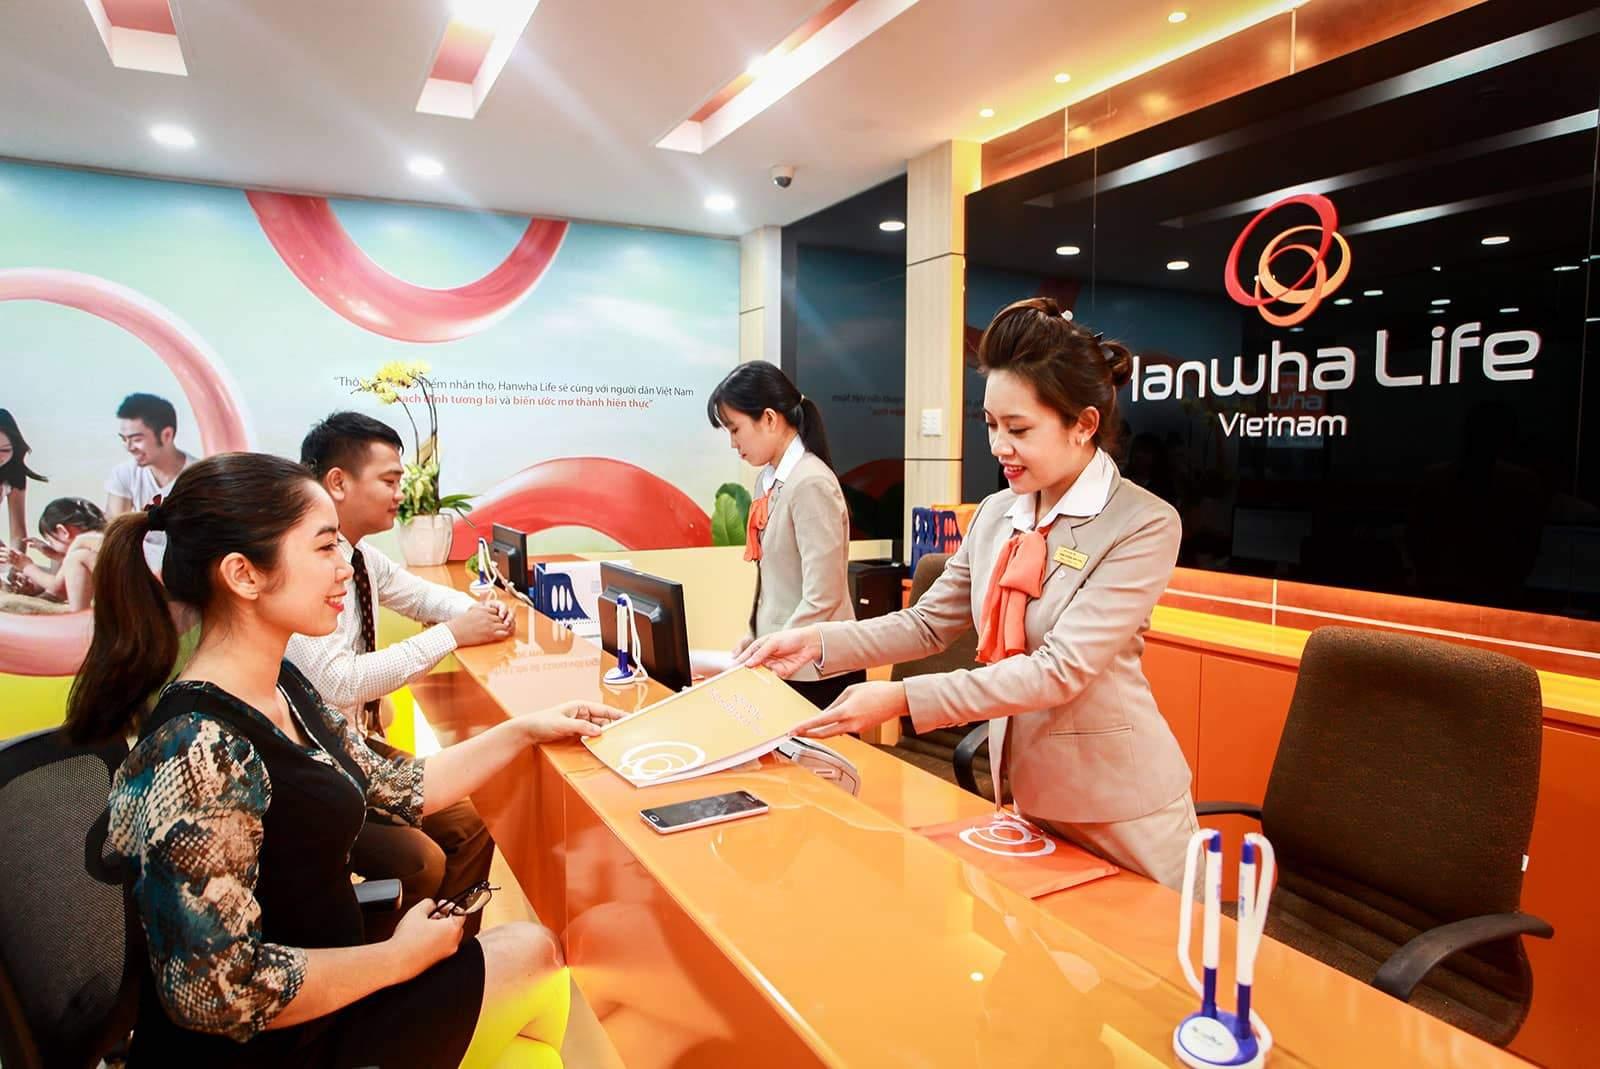 Cơ hội việc làm tại Hanwha Life